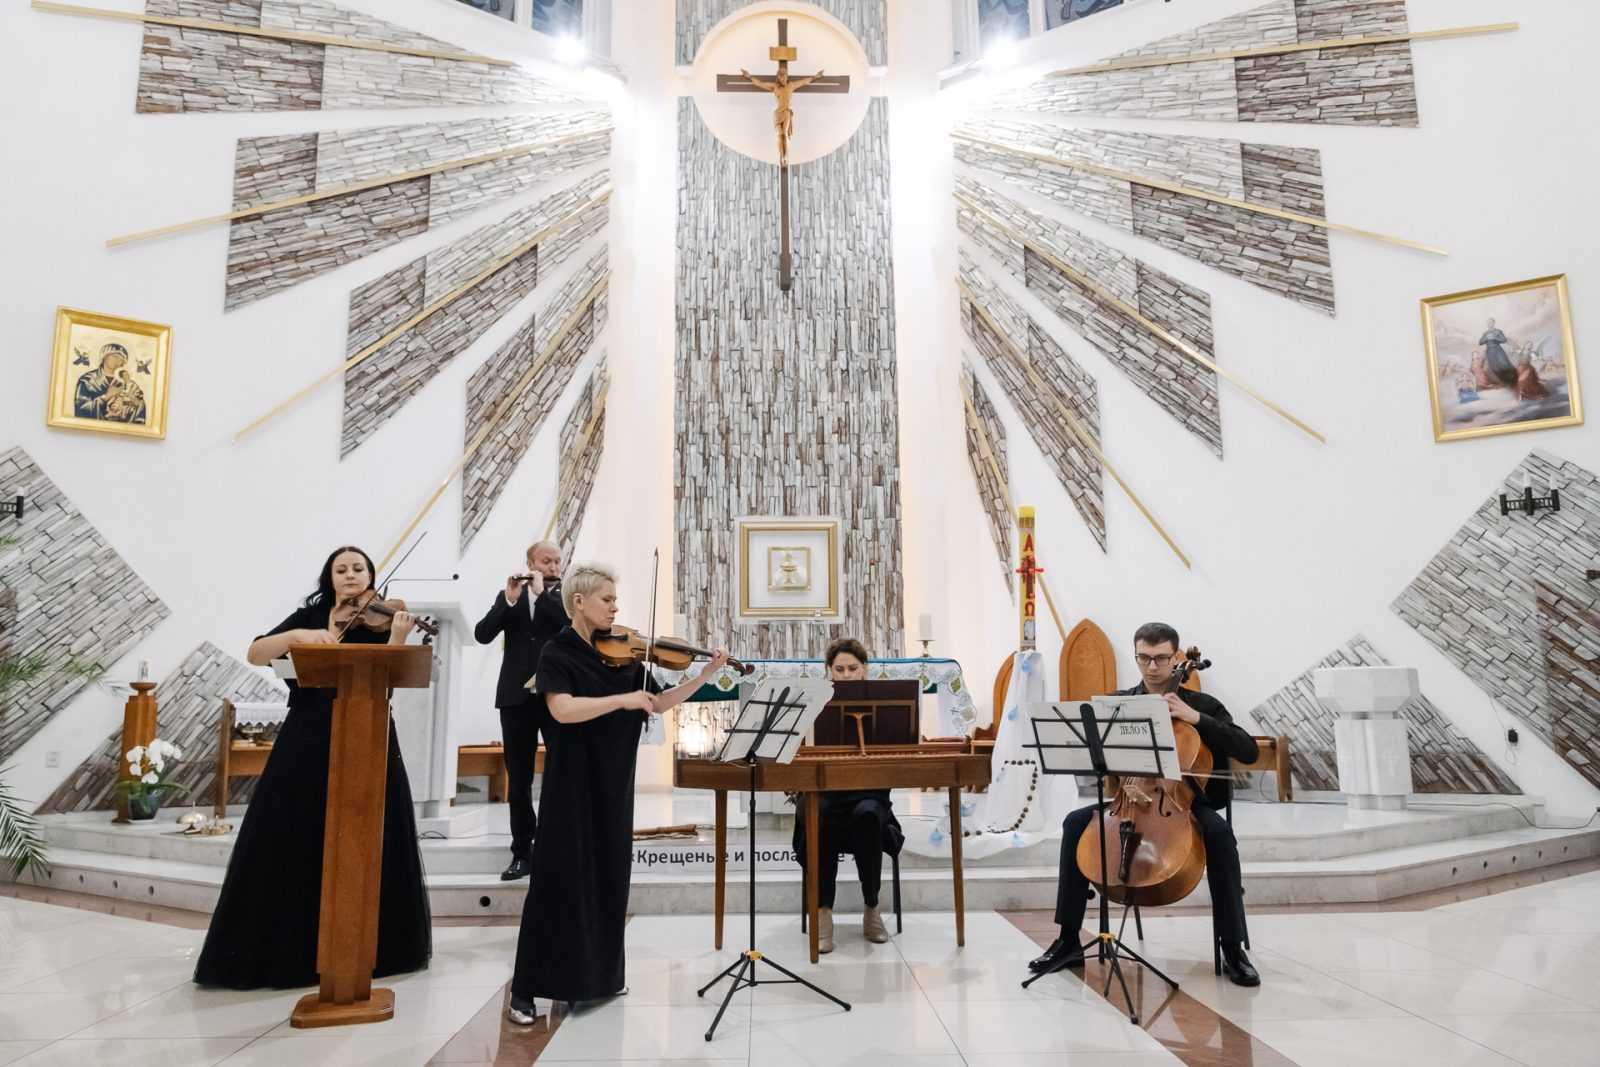 Музыка в храме КОНЦЕРТ «МАСТЕРА БАРОККО» 26.10.2019 17